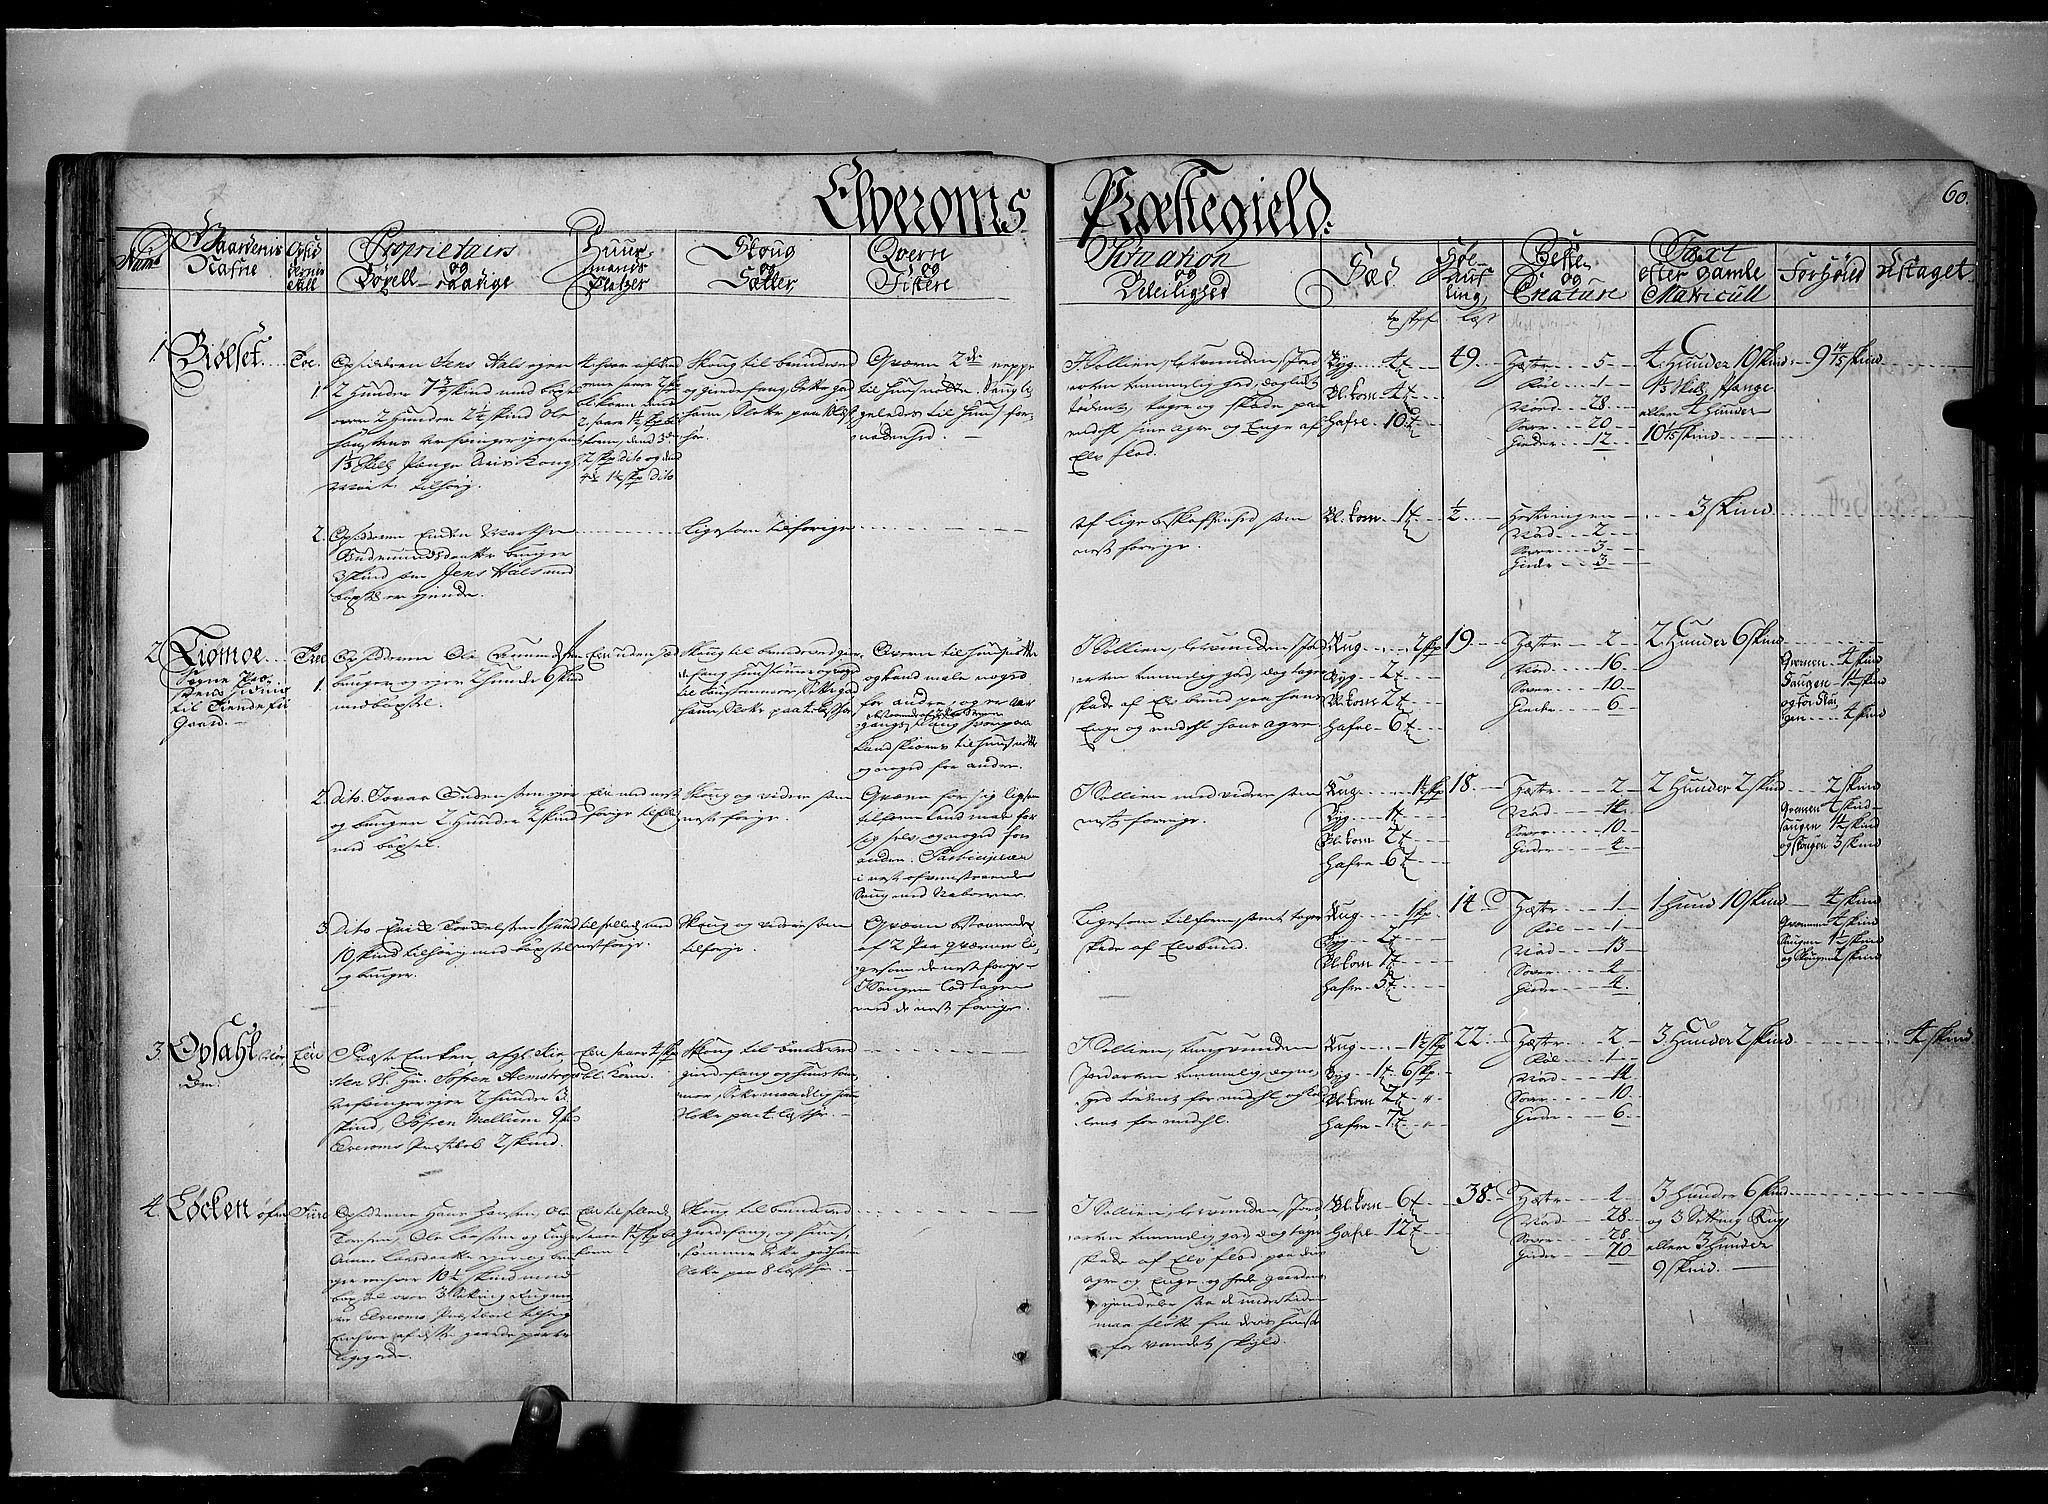 RA, Rentekammeret inntil 1814, Realistisk ordnet avdeling, N/Nb/Nbf/L0101: Solør, Østerdalen og Odal eksaminasjonsprotokoll, 1723, s. 59b-60a